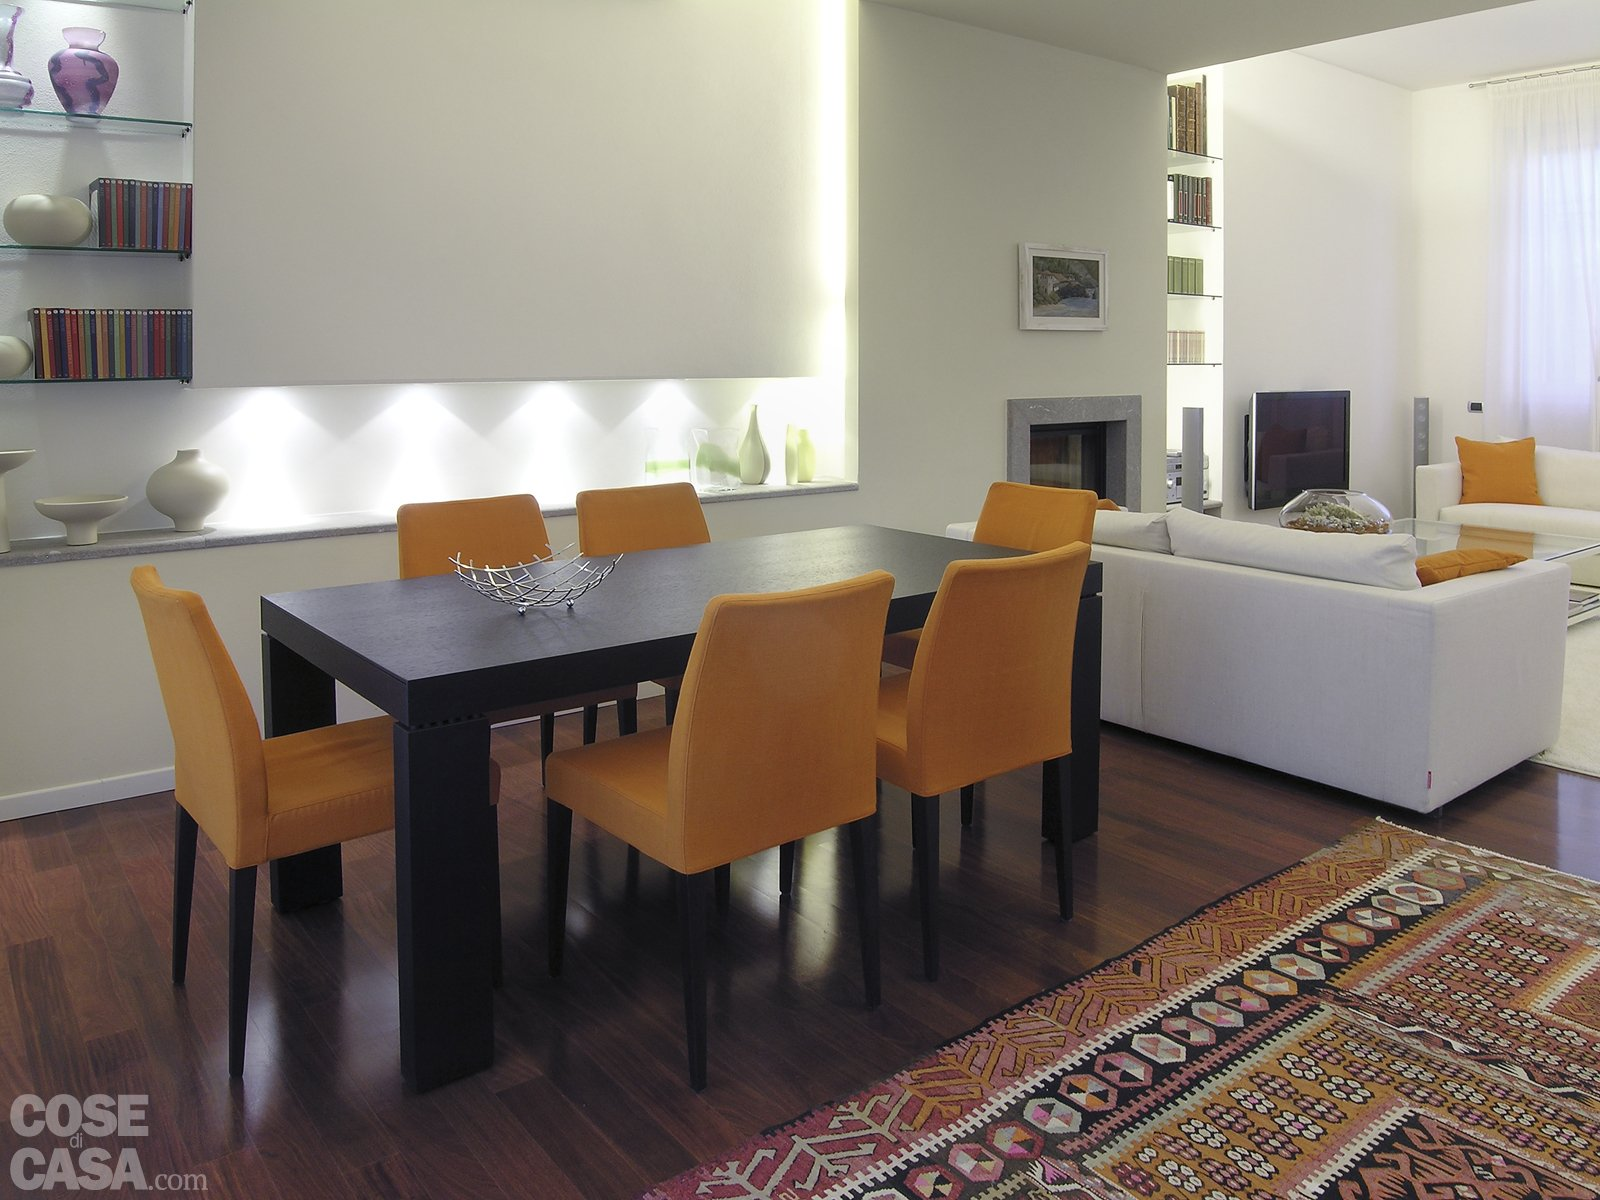 Una casa con tante idee da copiare cose di casa for Faretti casa classica